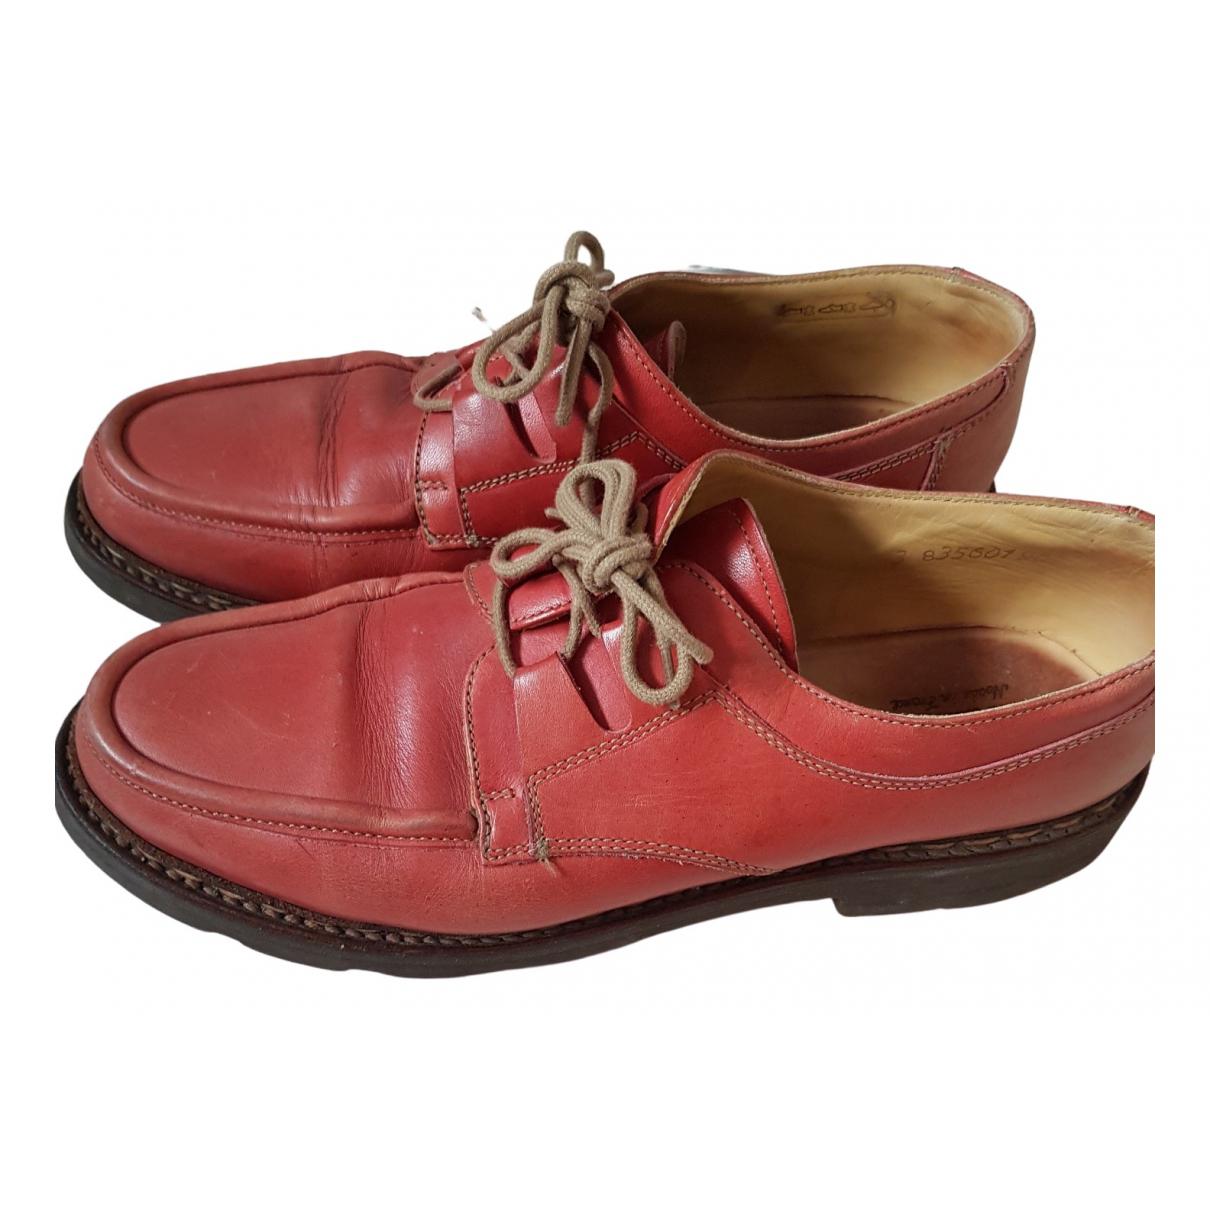 Bowen \N Schnuerschuhe in  Rot Leder